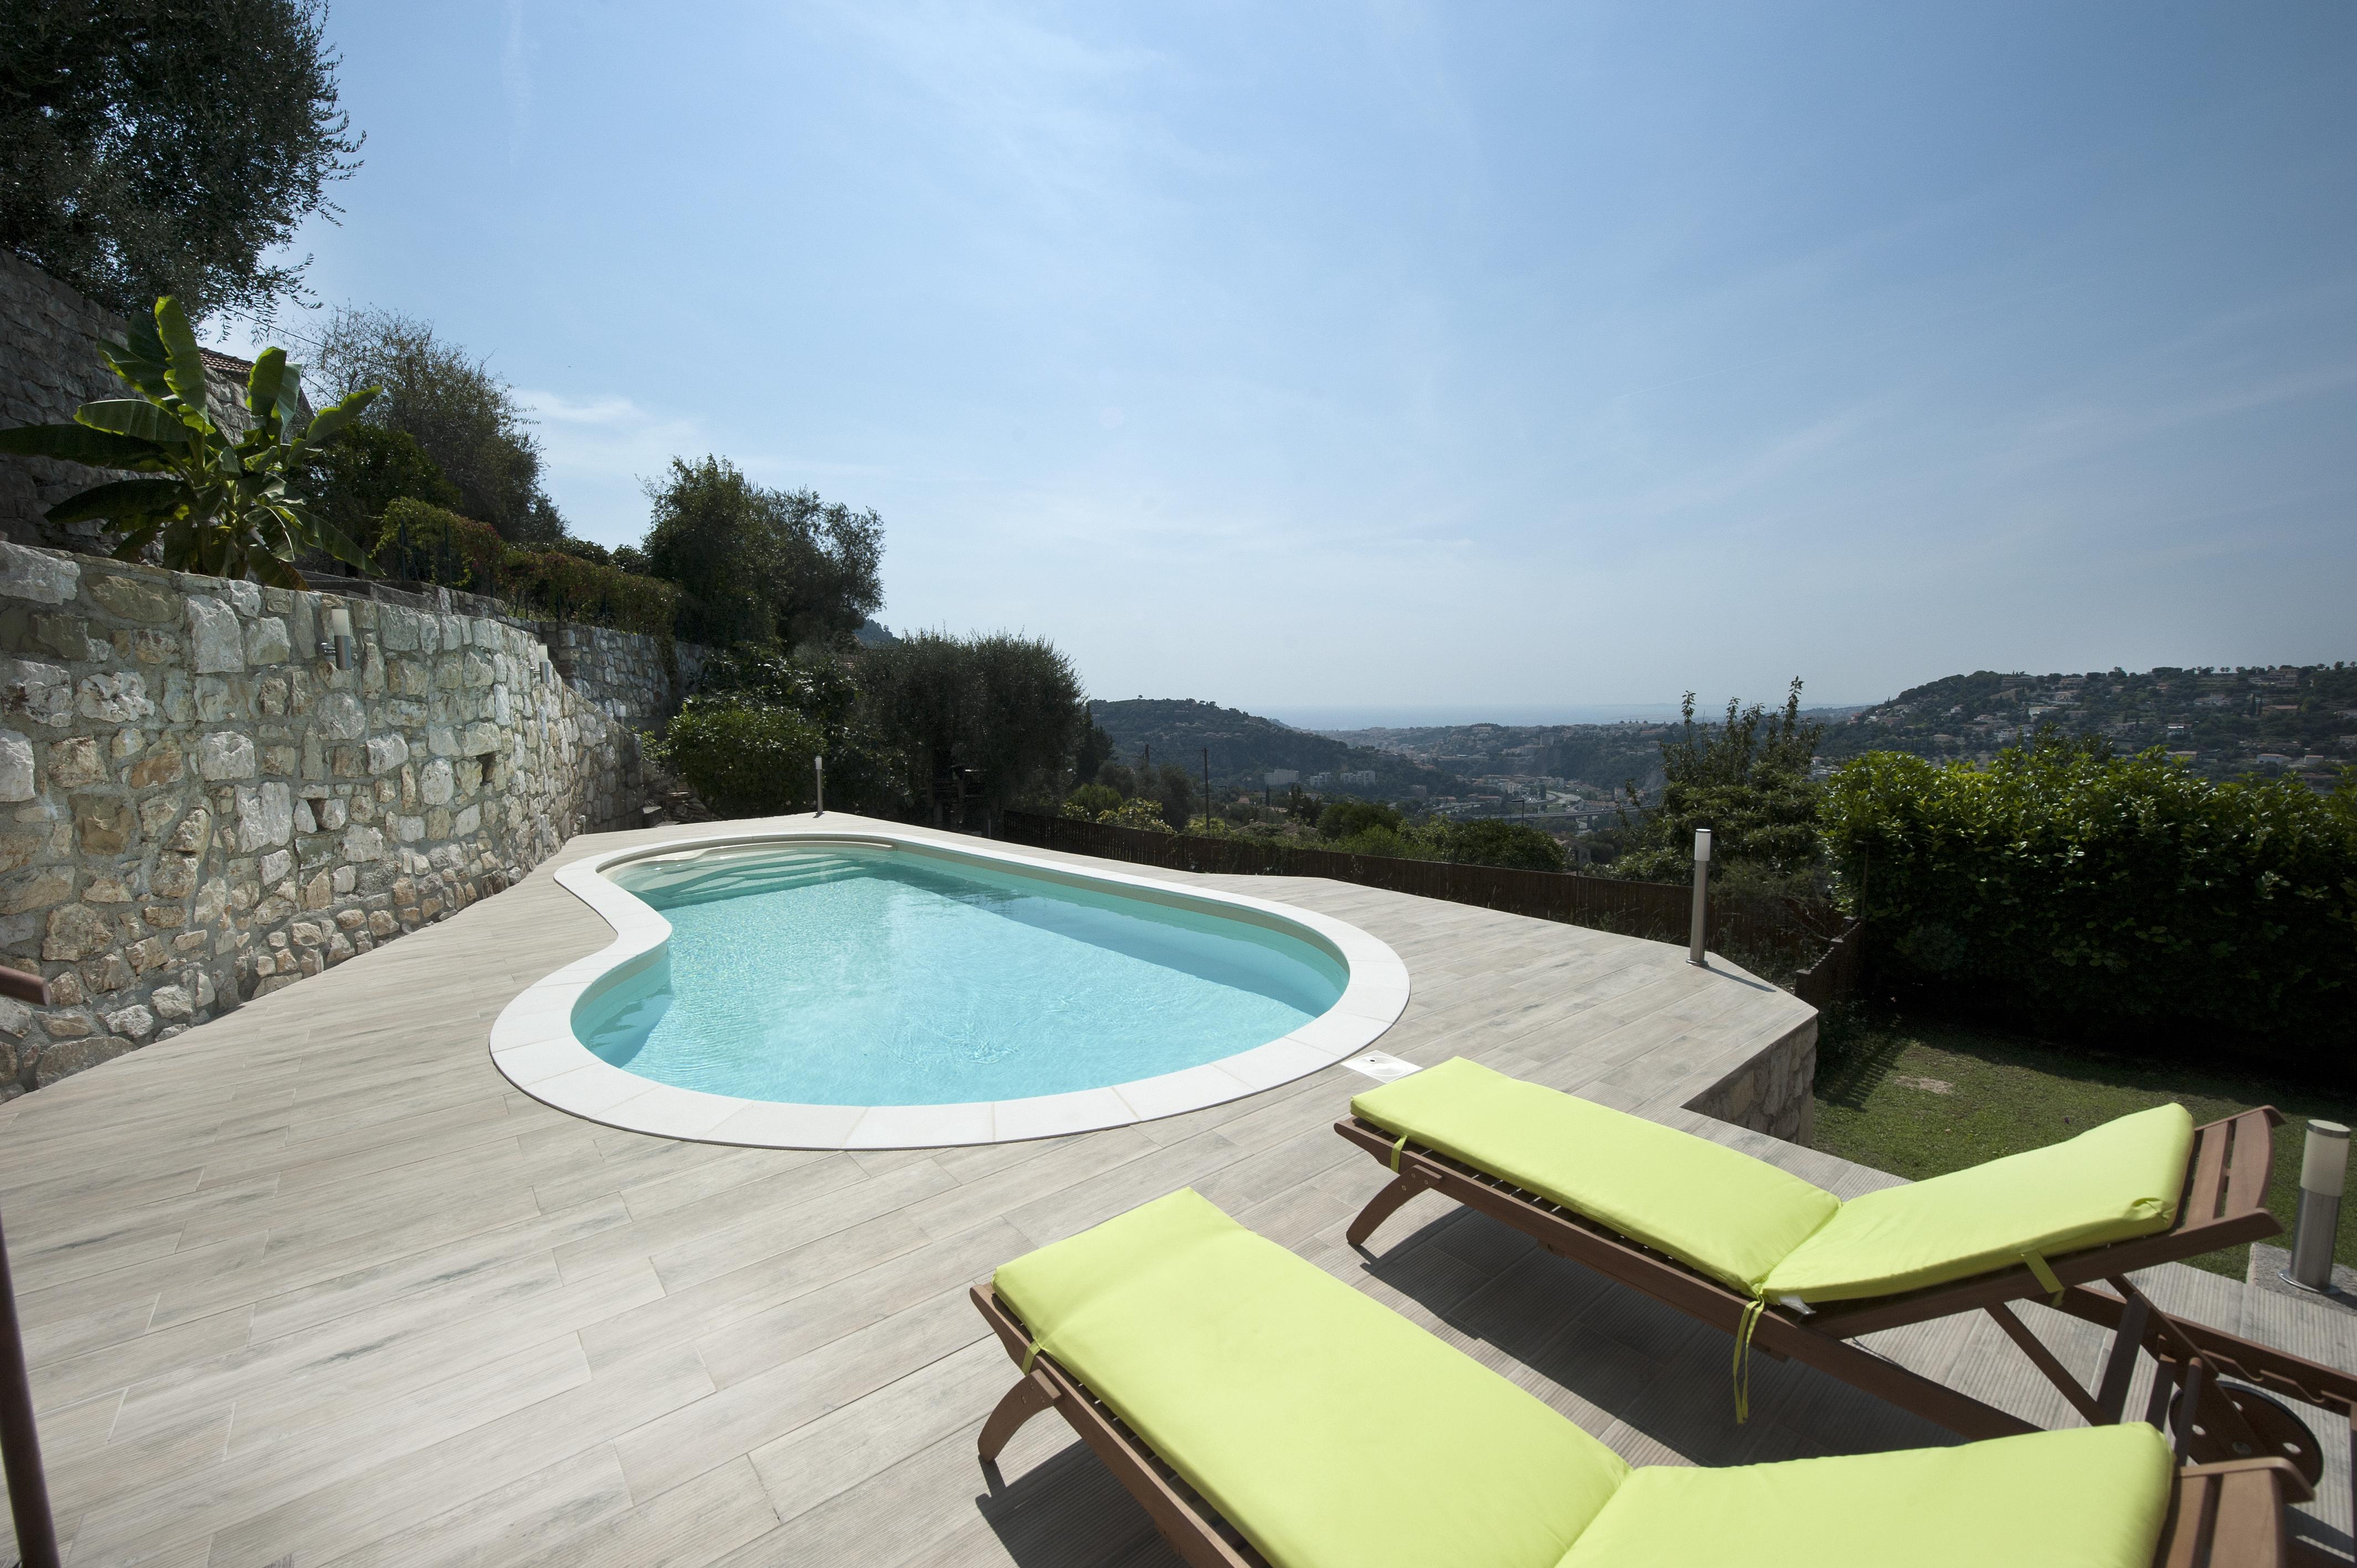 Terrasse et piscine avec Maison et jardin actuels : renouer avec le confort extérieur